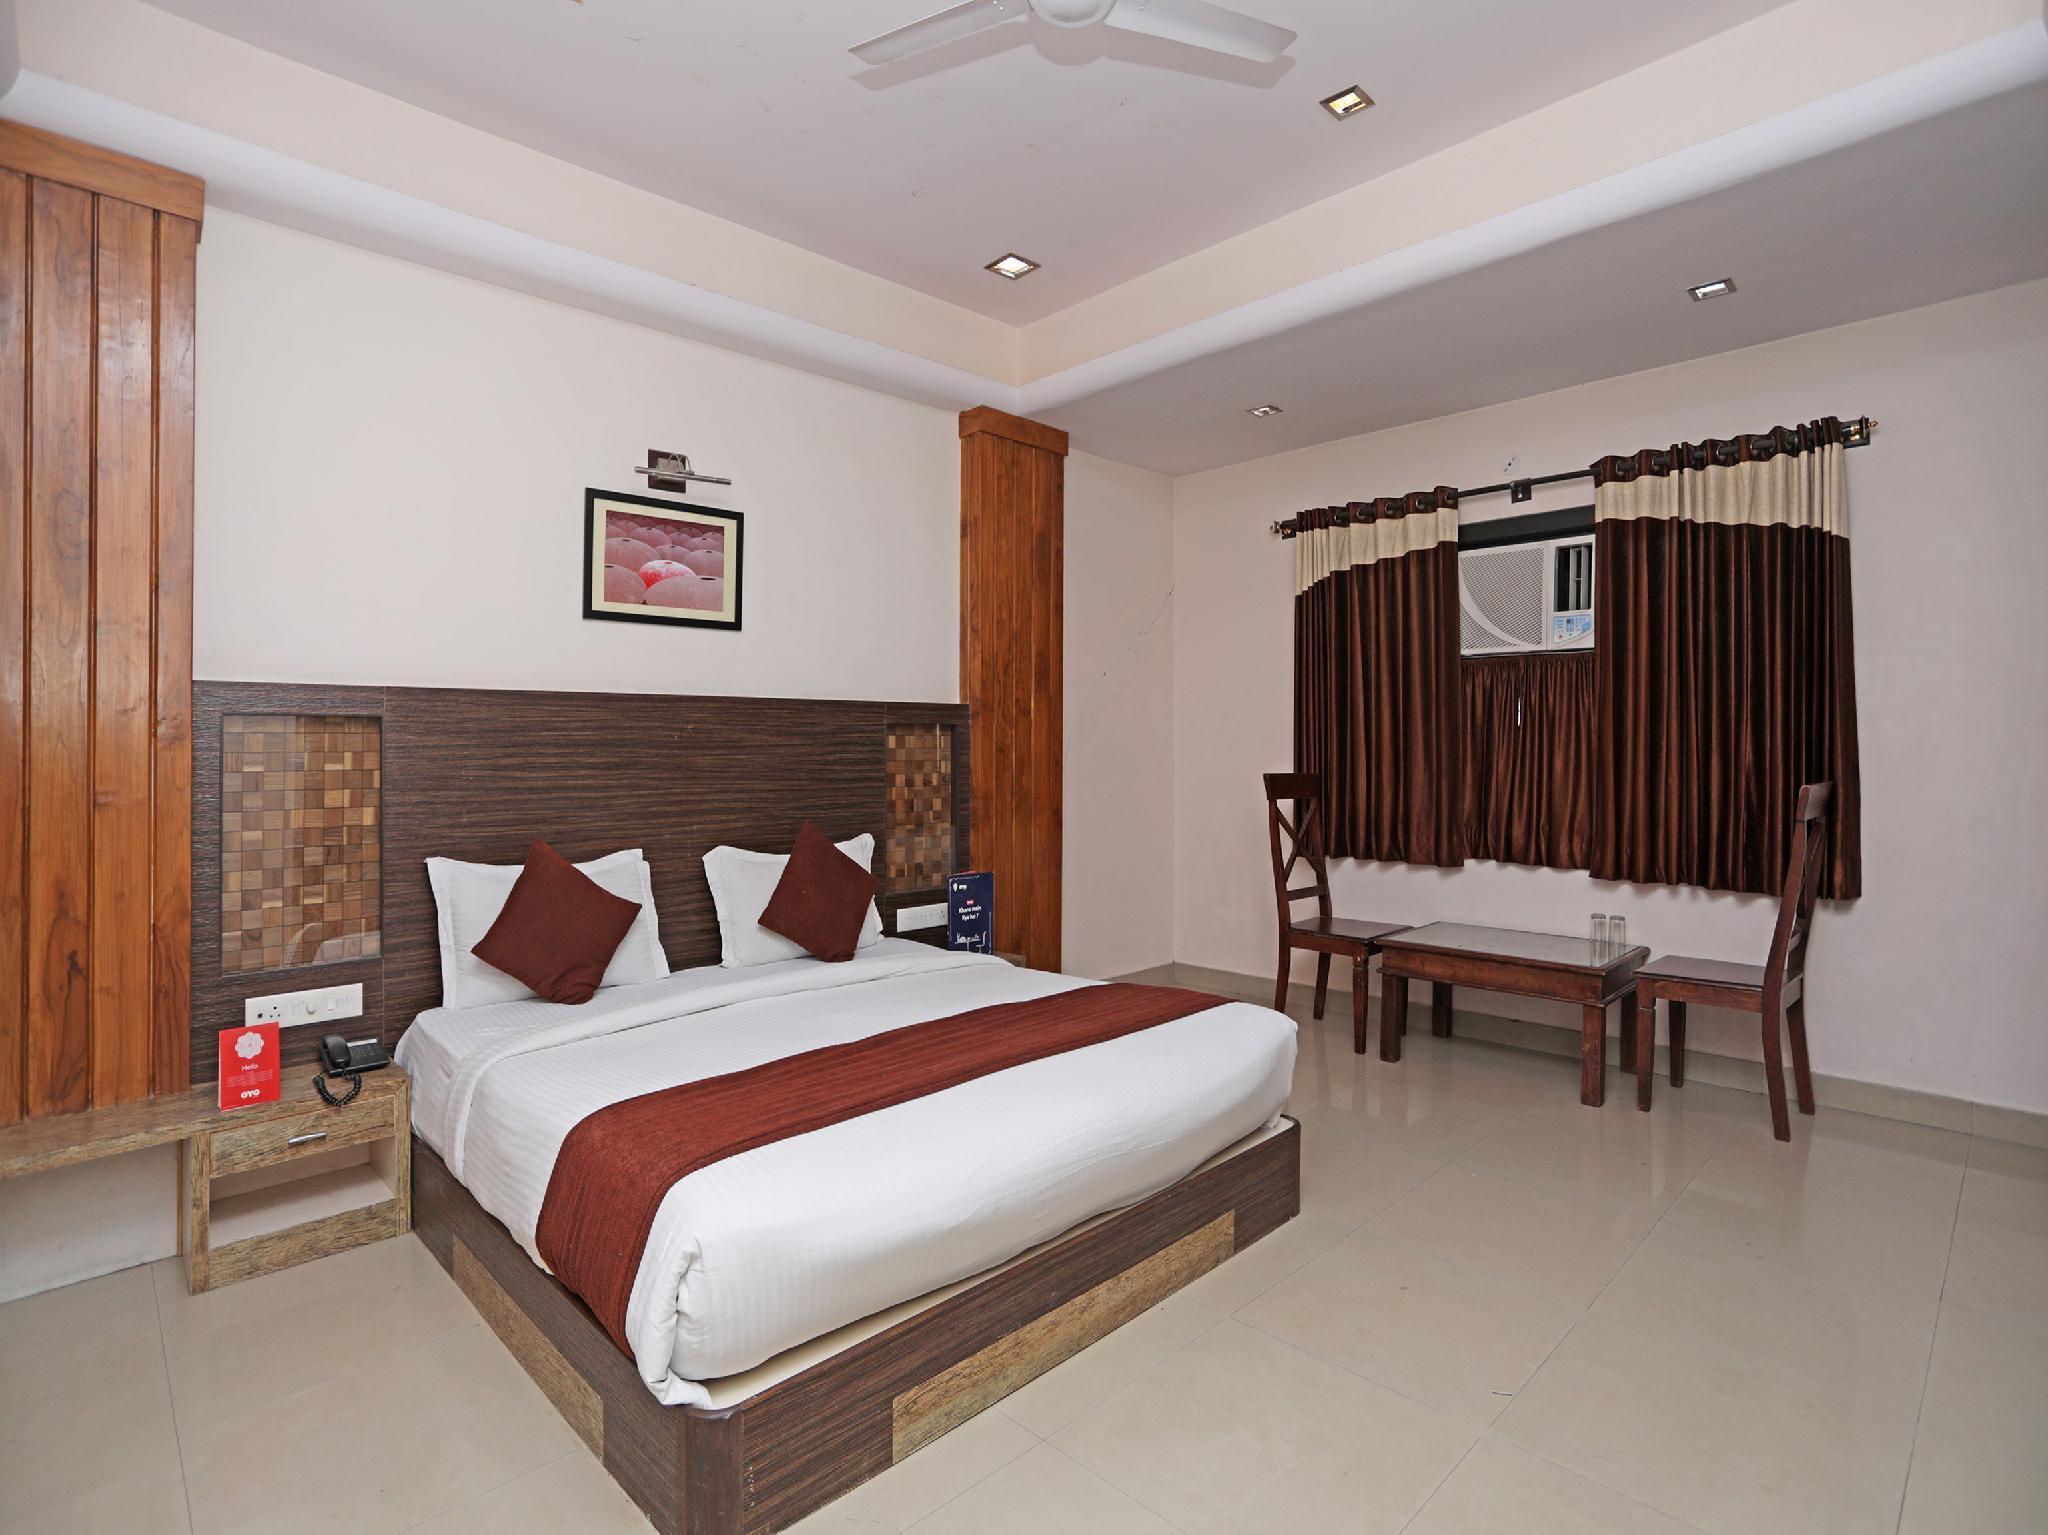 OYO 11975 Siddharth International